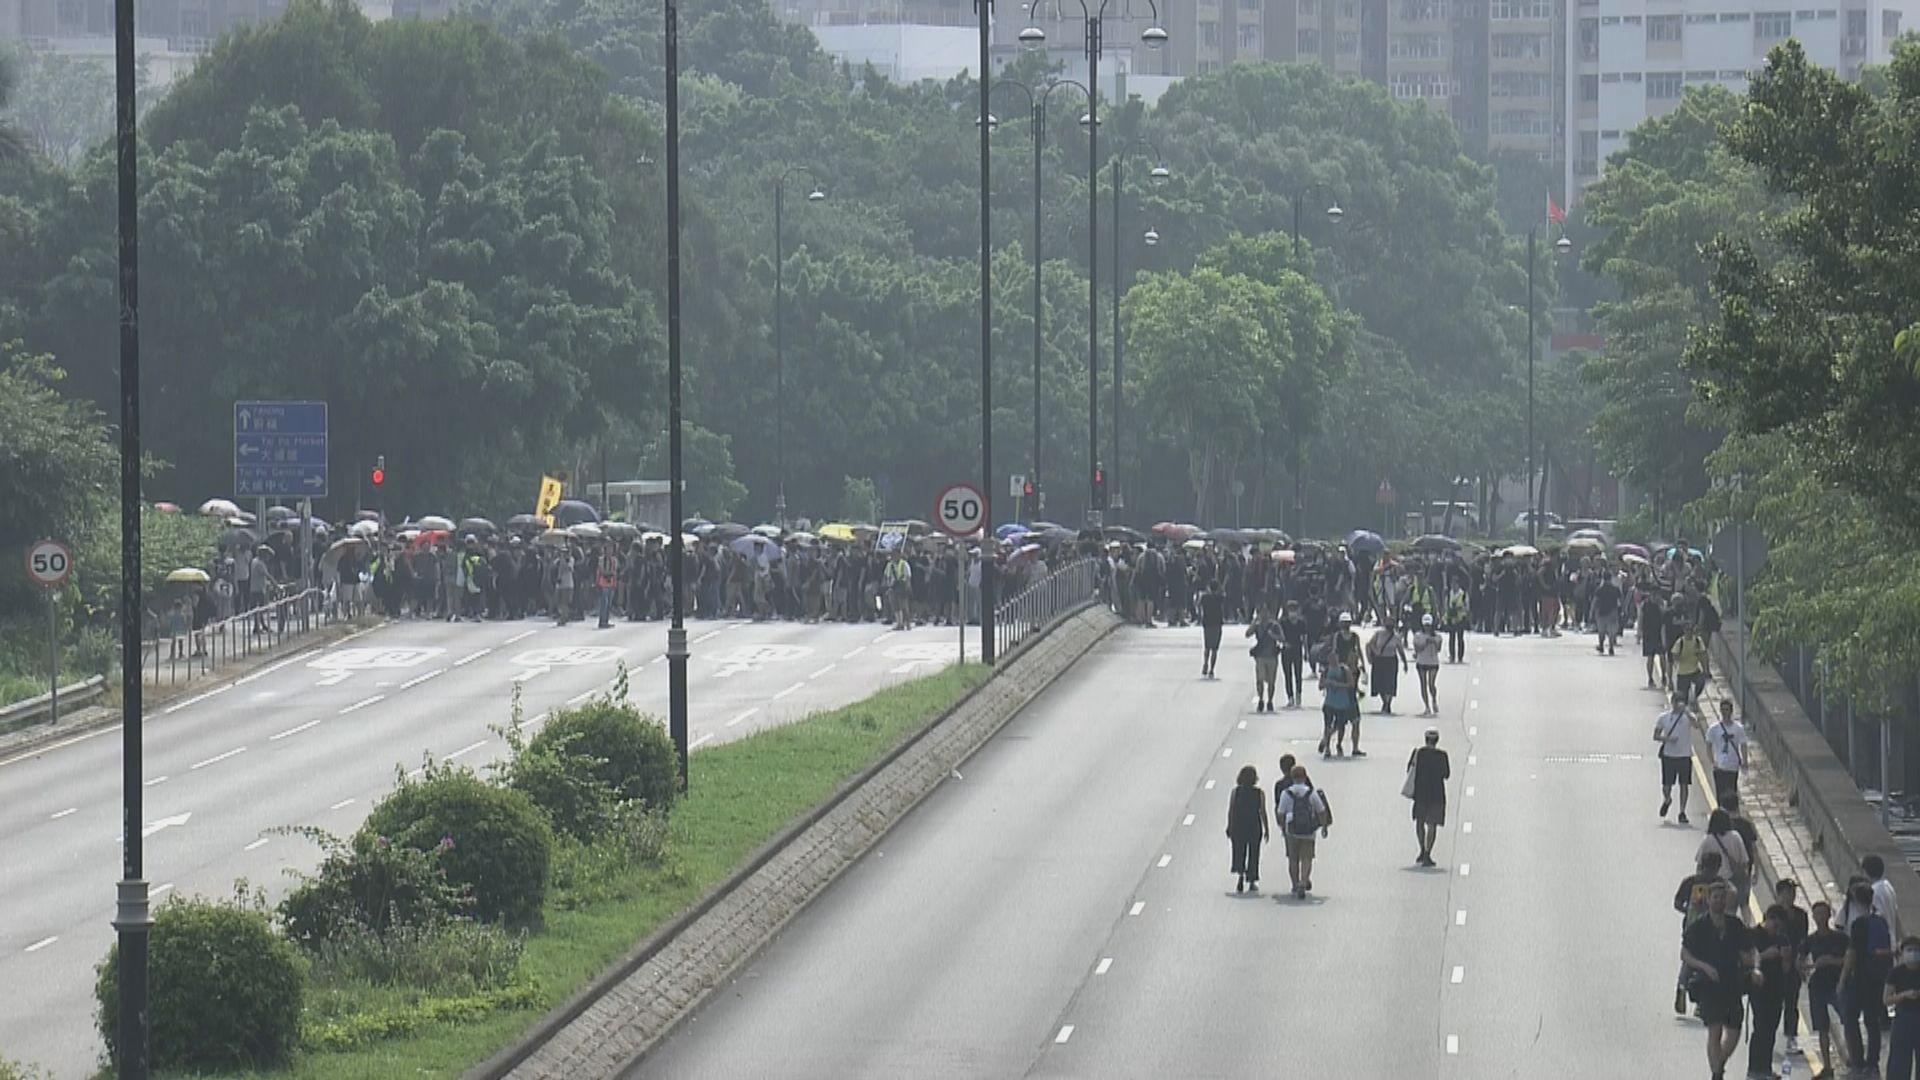 【現場報道】大批市民開始遊行 沿途暫未見警員